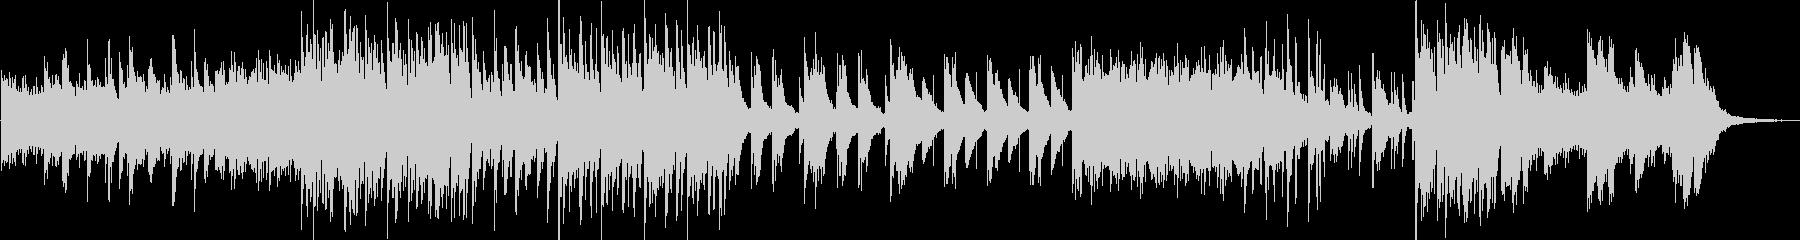 幻想的で不思議なピアノエレクトロニカの未再生の波形